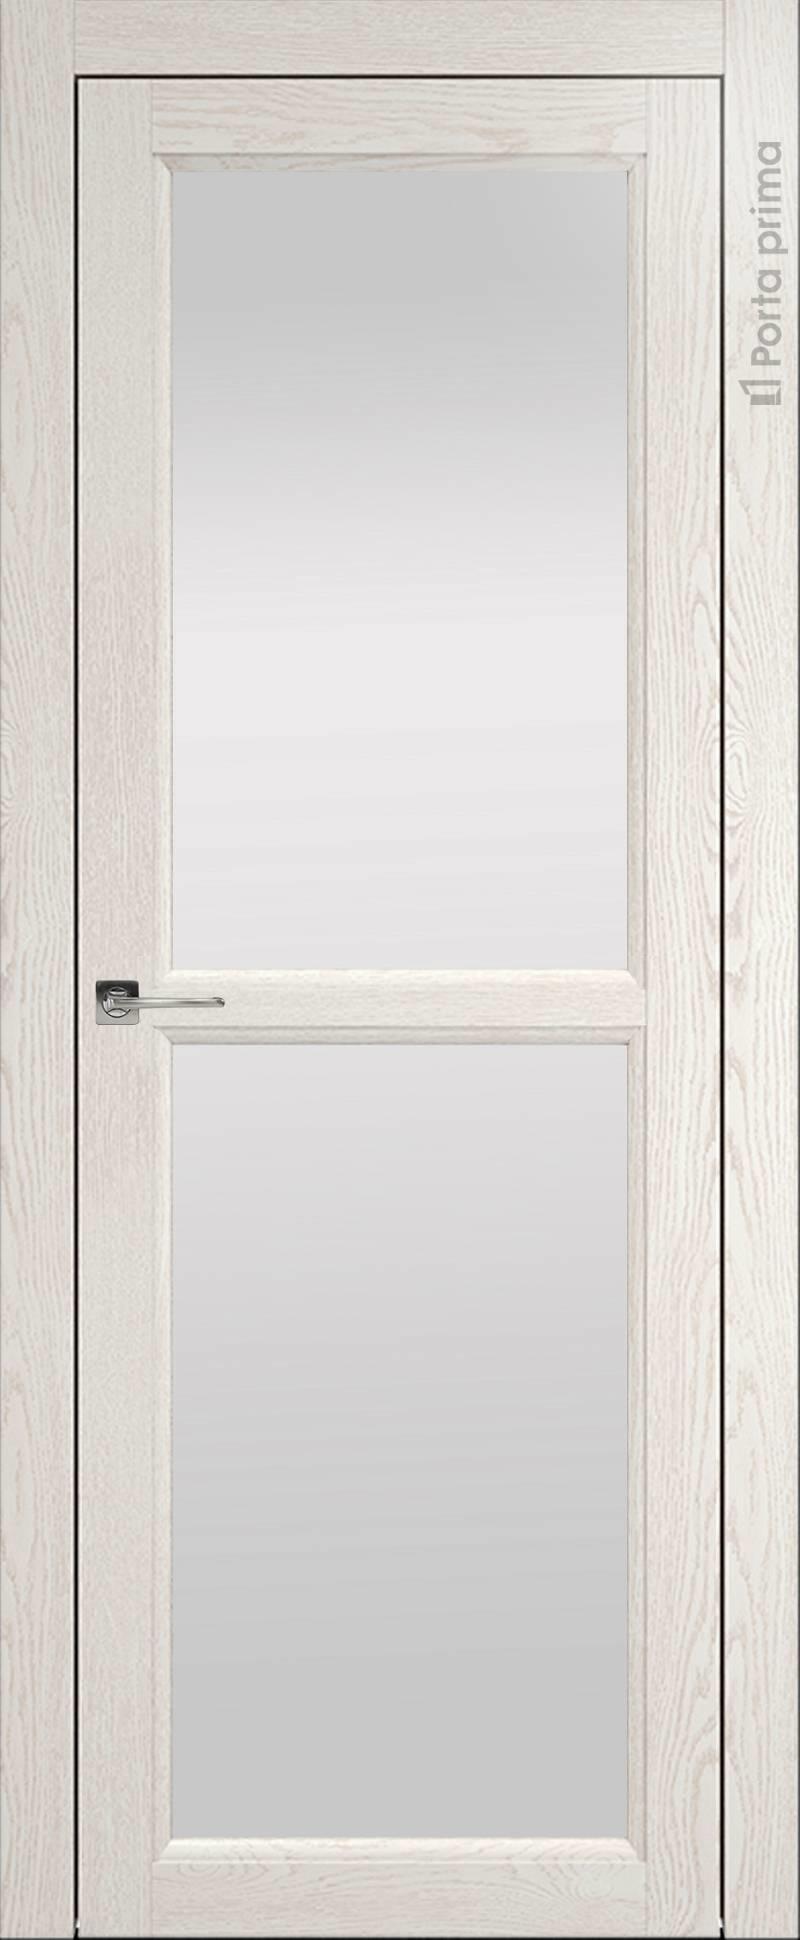 Sorrento-R В1 цвет - Белый ясень (nano-flex) Со стеклом (ДО)